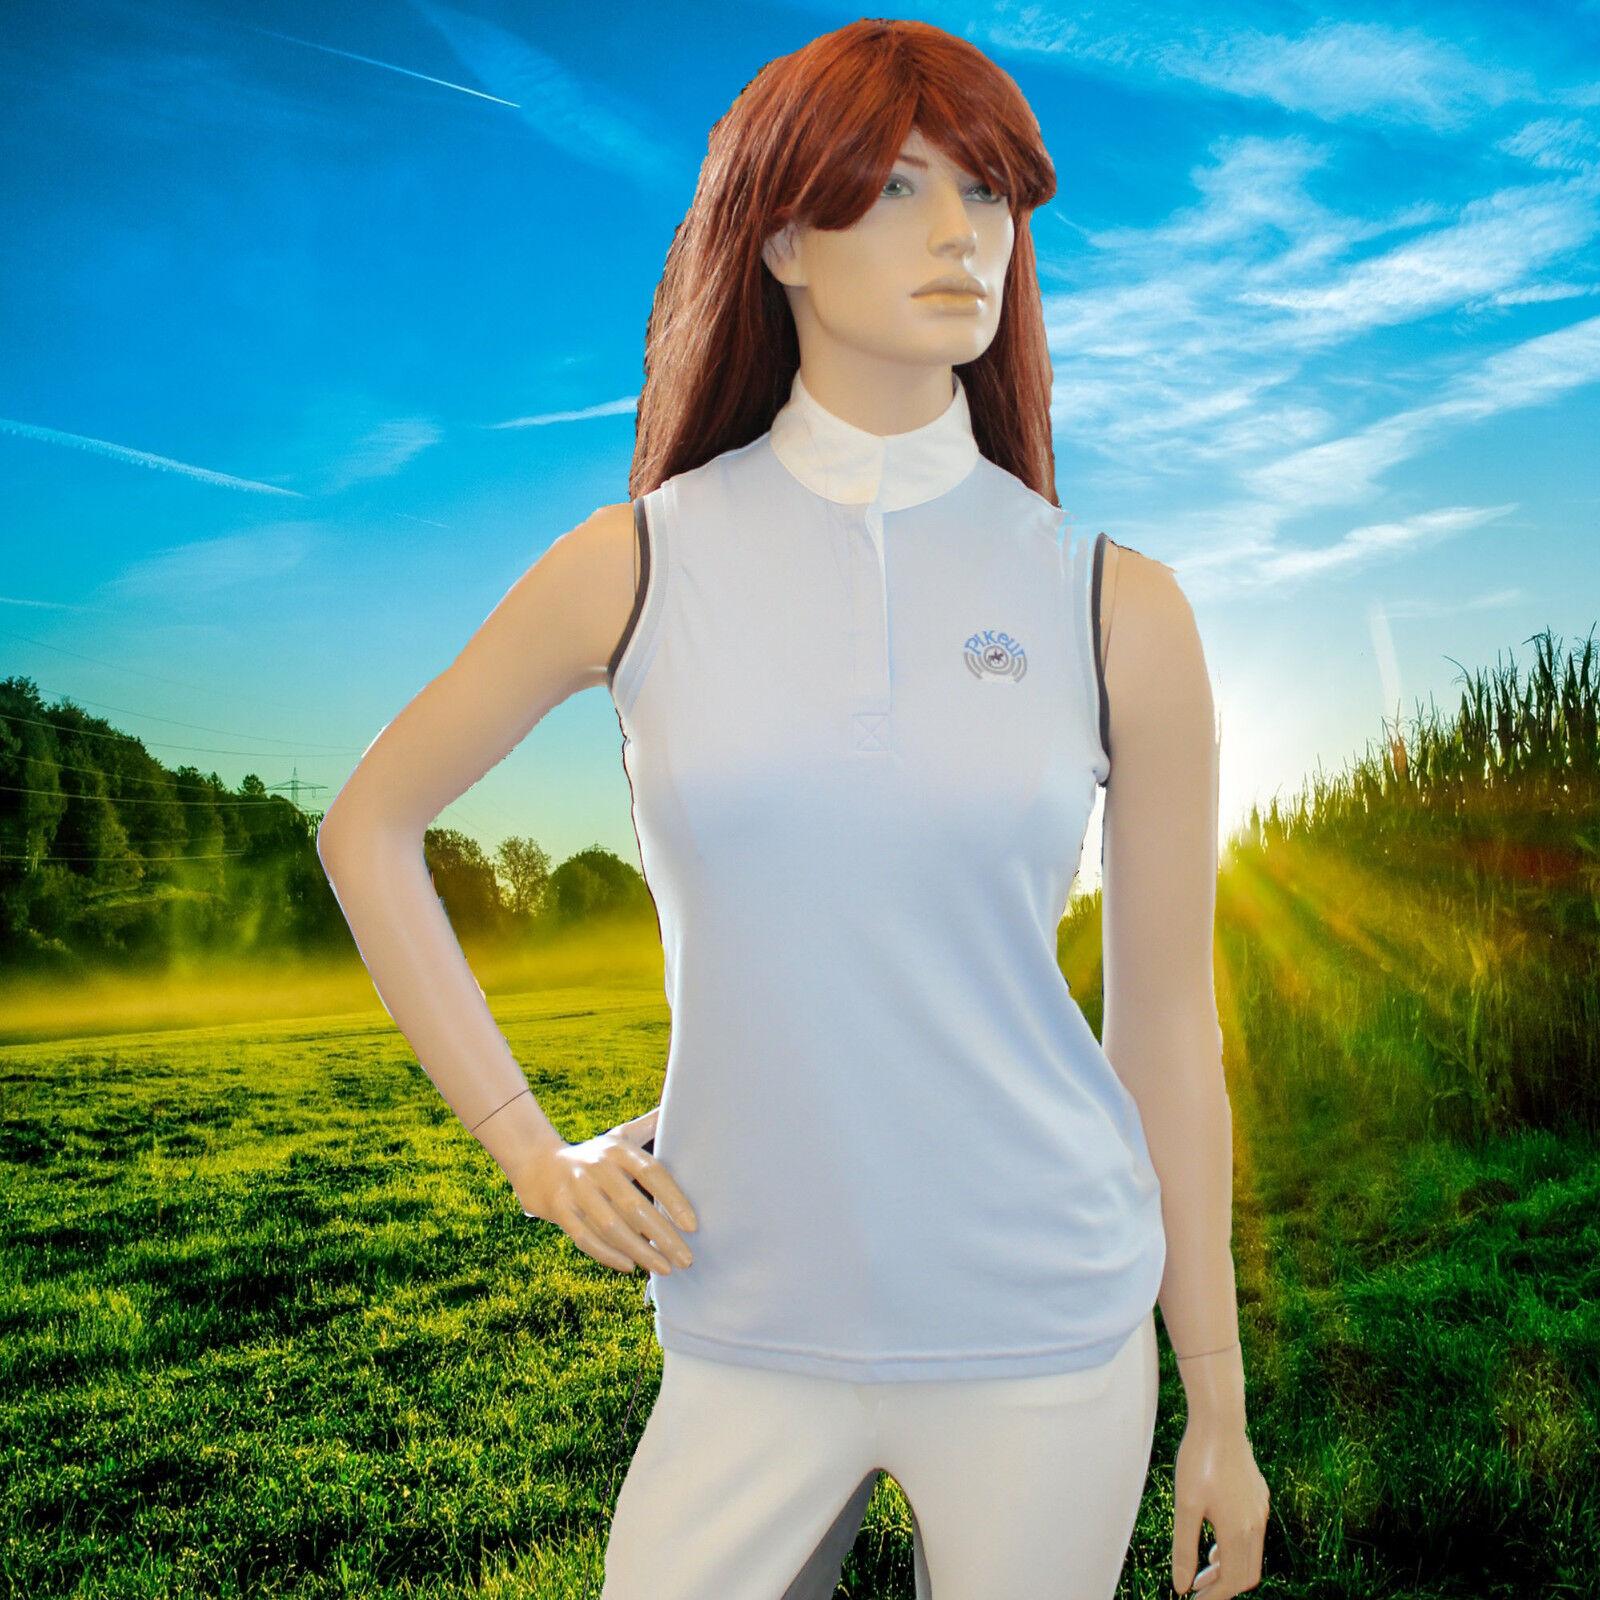 Pikeur Damen Turnier Shirt ohne Arm, hellblau, hellblau, hellblau, Pikeur Turnier Blause Hemd  (6024)  | Elegant und feierlich  | Online-Shop  | Einfach zu bedienen  ce6b14